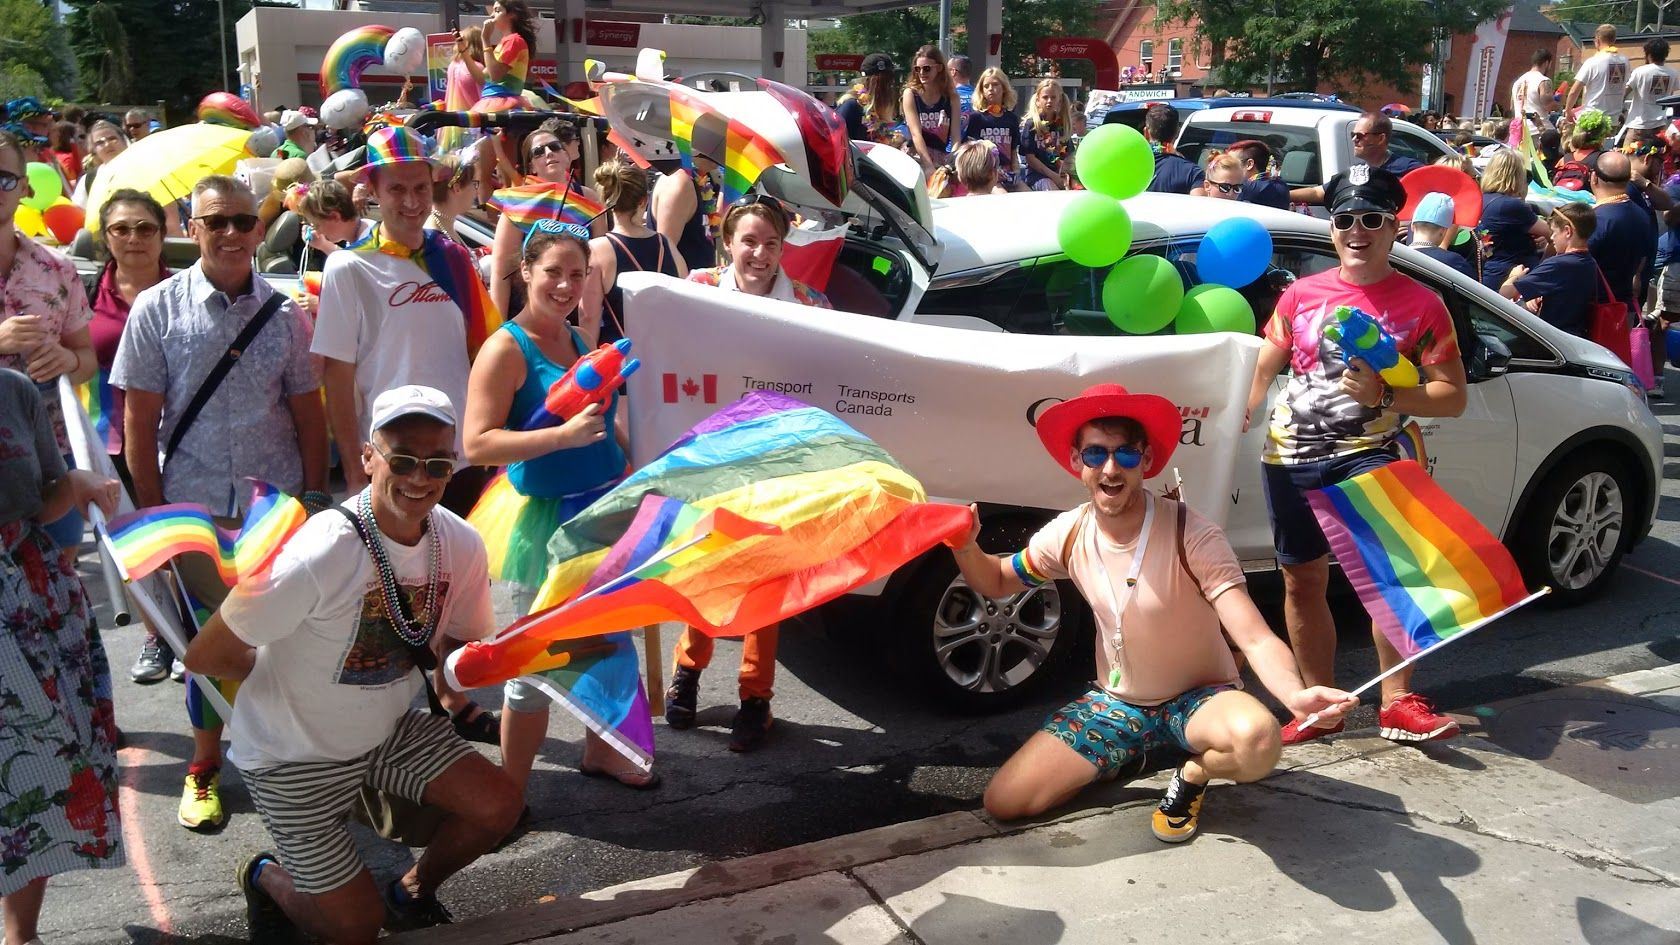 Un groupe de fonctionnaires du Secrétariat du Conseil du Trésor et de Transports Canada au défilé de la fierté gaie d'Ottawa, y compris James, tenant des bannières et des drapeaux de la fierté.